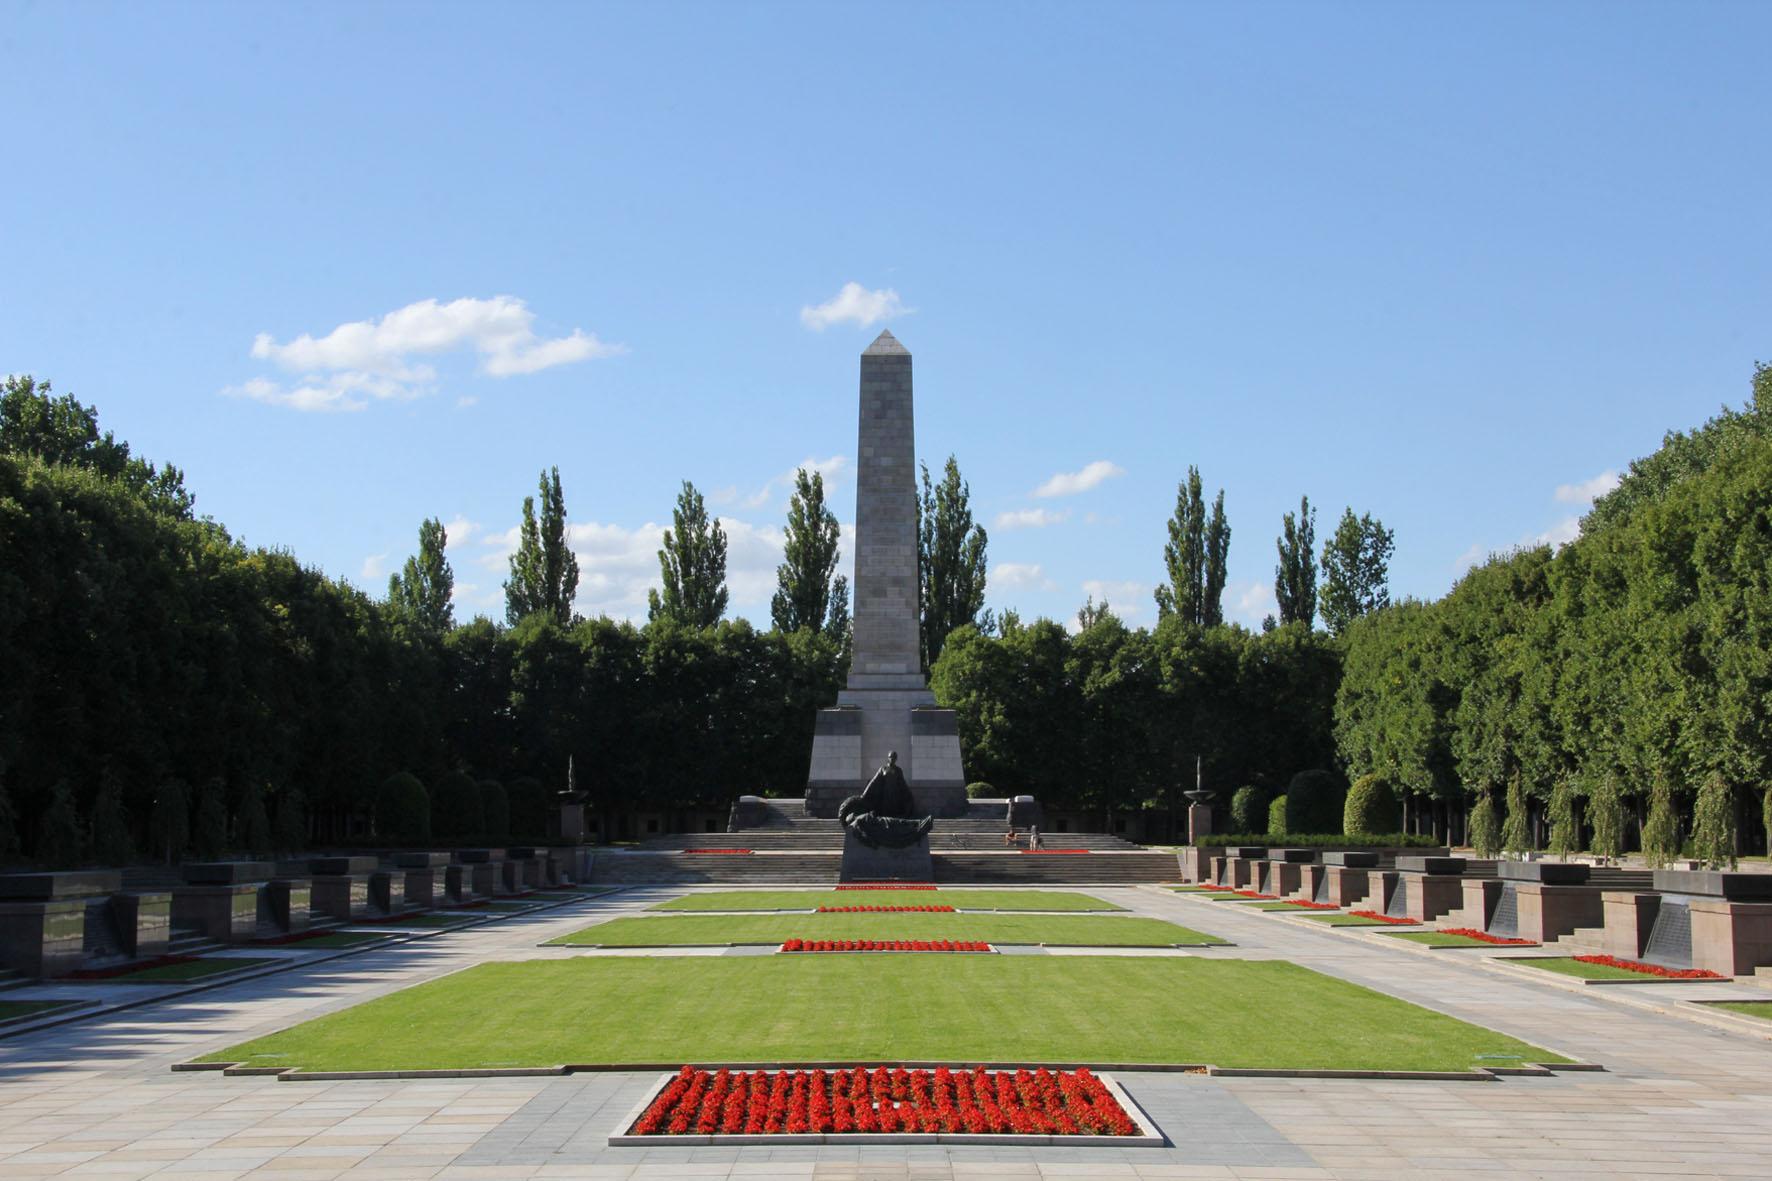 Das Sowjetische Ehrenmal Schönholzer Heide in Berlin